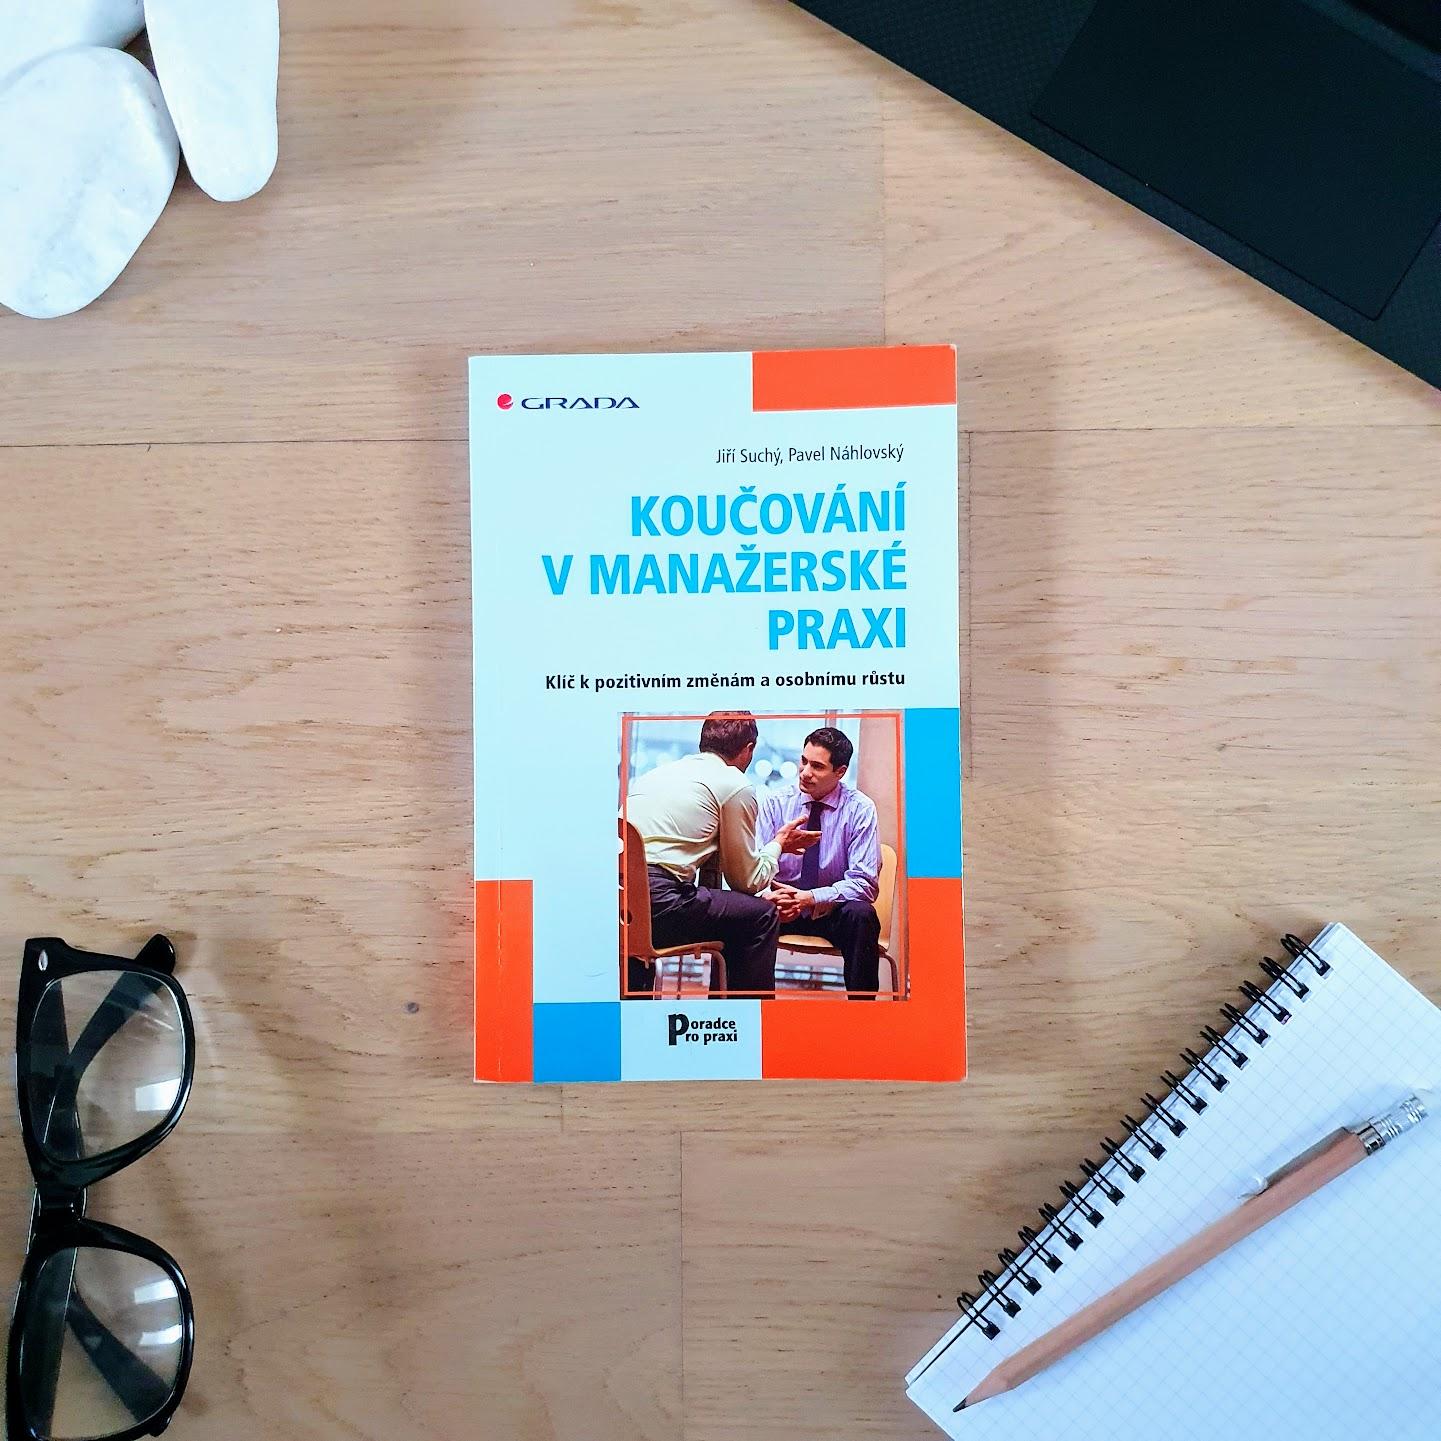 Koučování v manažerské praxi - Jiří Suchý, Pavel Náhlovský